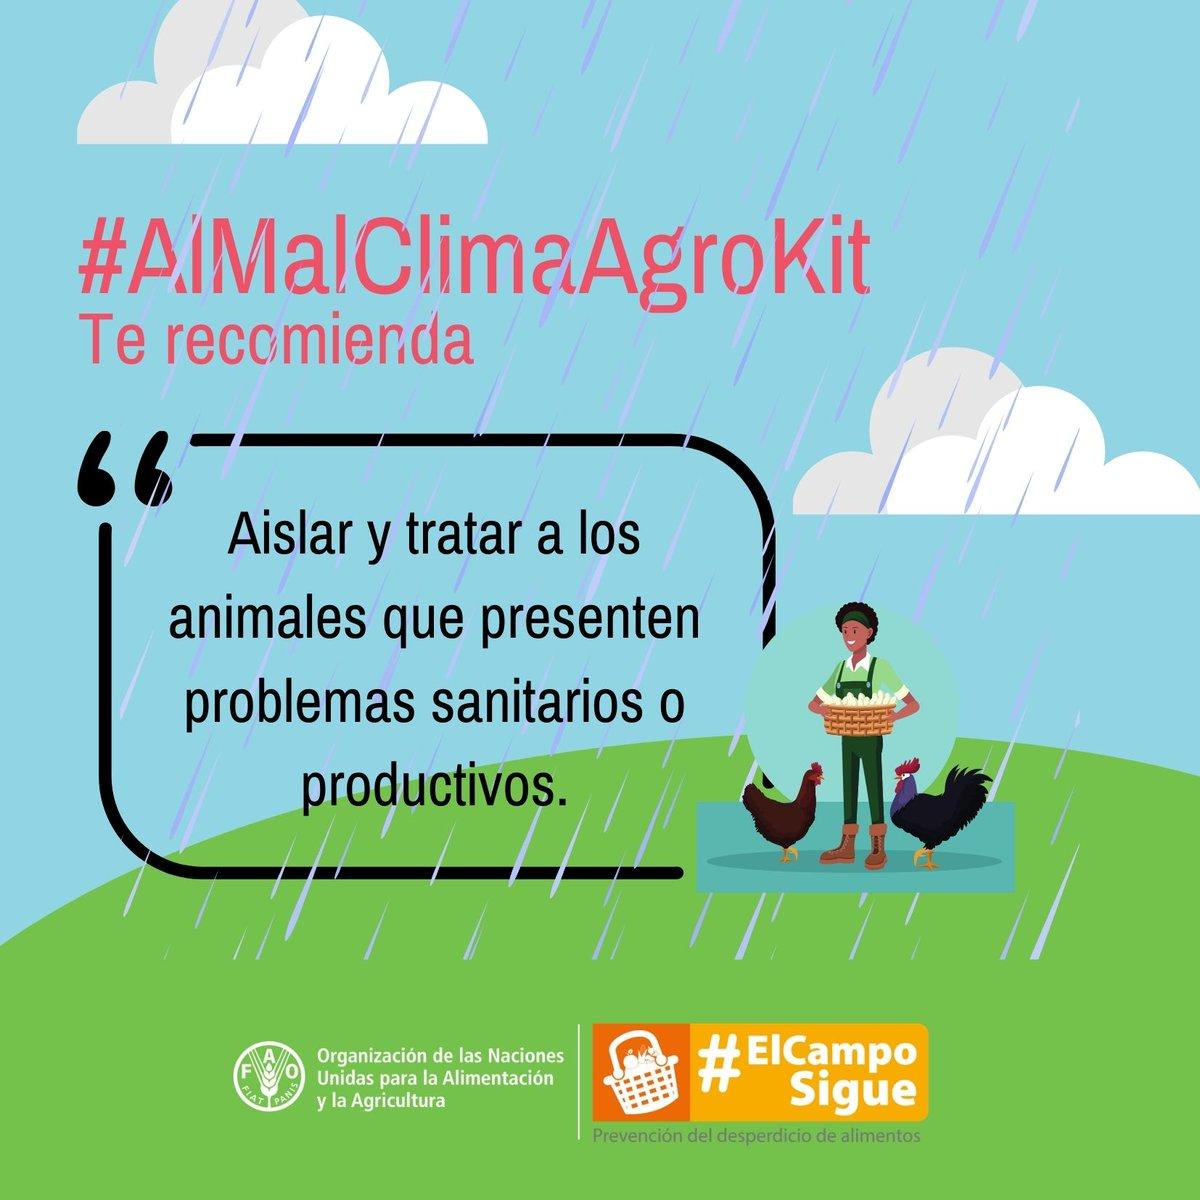 #AlMalClimaAgrokit una herramienta digital para el campo📲👨🌾 donde podrá encontrar:   🔎Recomendaciones para el cuidado de los cultivos según el comportamiento del clima  🔎Recomendaciones para la prevención y manejo de riesgos  Más información 📲https://t.co/XiVjvdU233 https://t.co/AKo9n7w43F